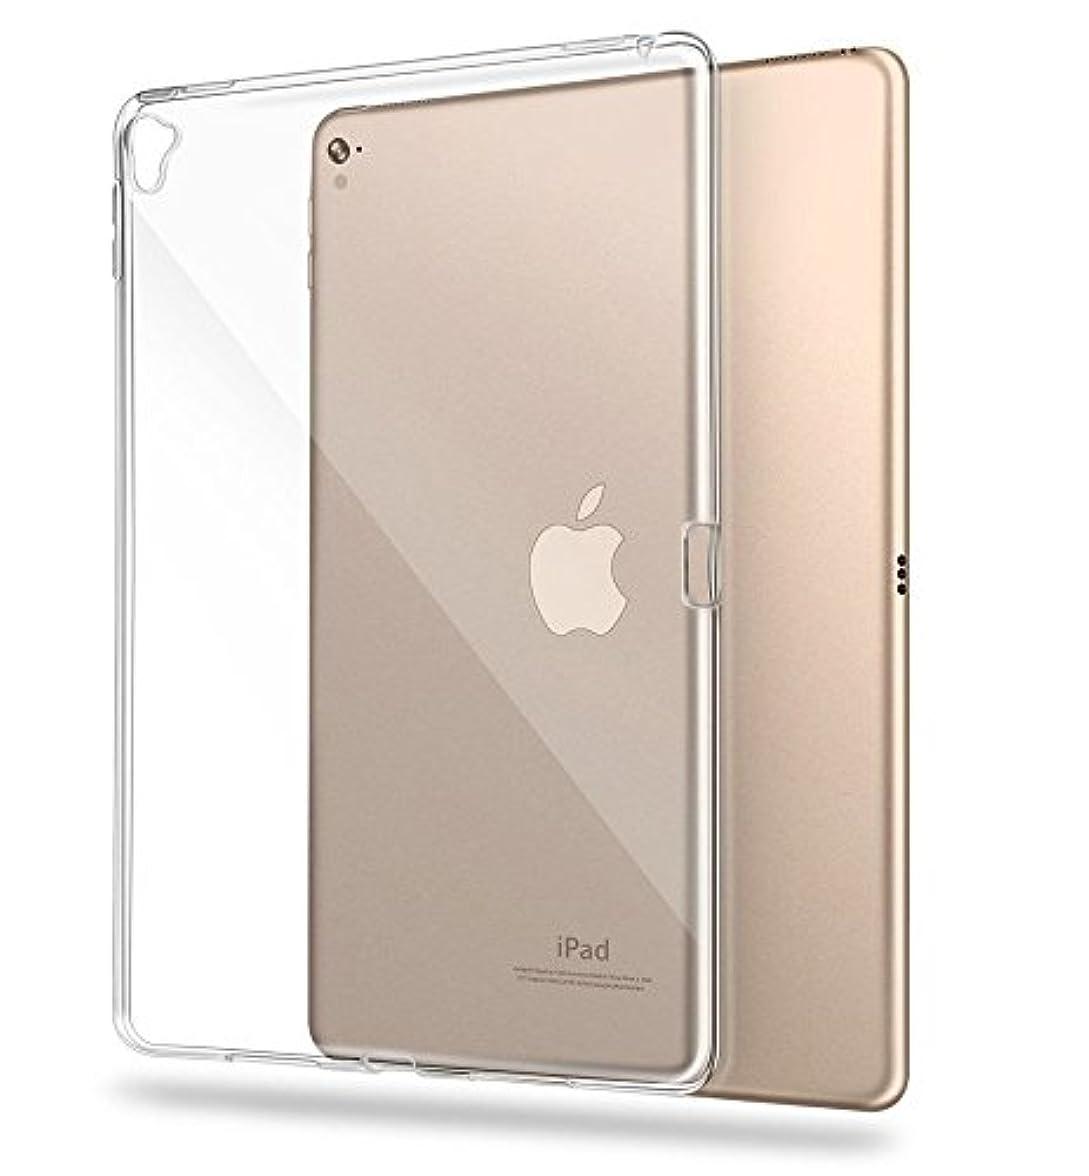 肉の同種のオフ【マーサリンク】iPad Pro 9.7インチ(2016年モデル) 専用 TPU クリア ソフト バック カバー 透明 背面 ケース 落下防止